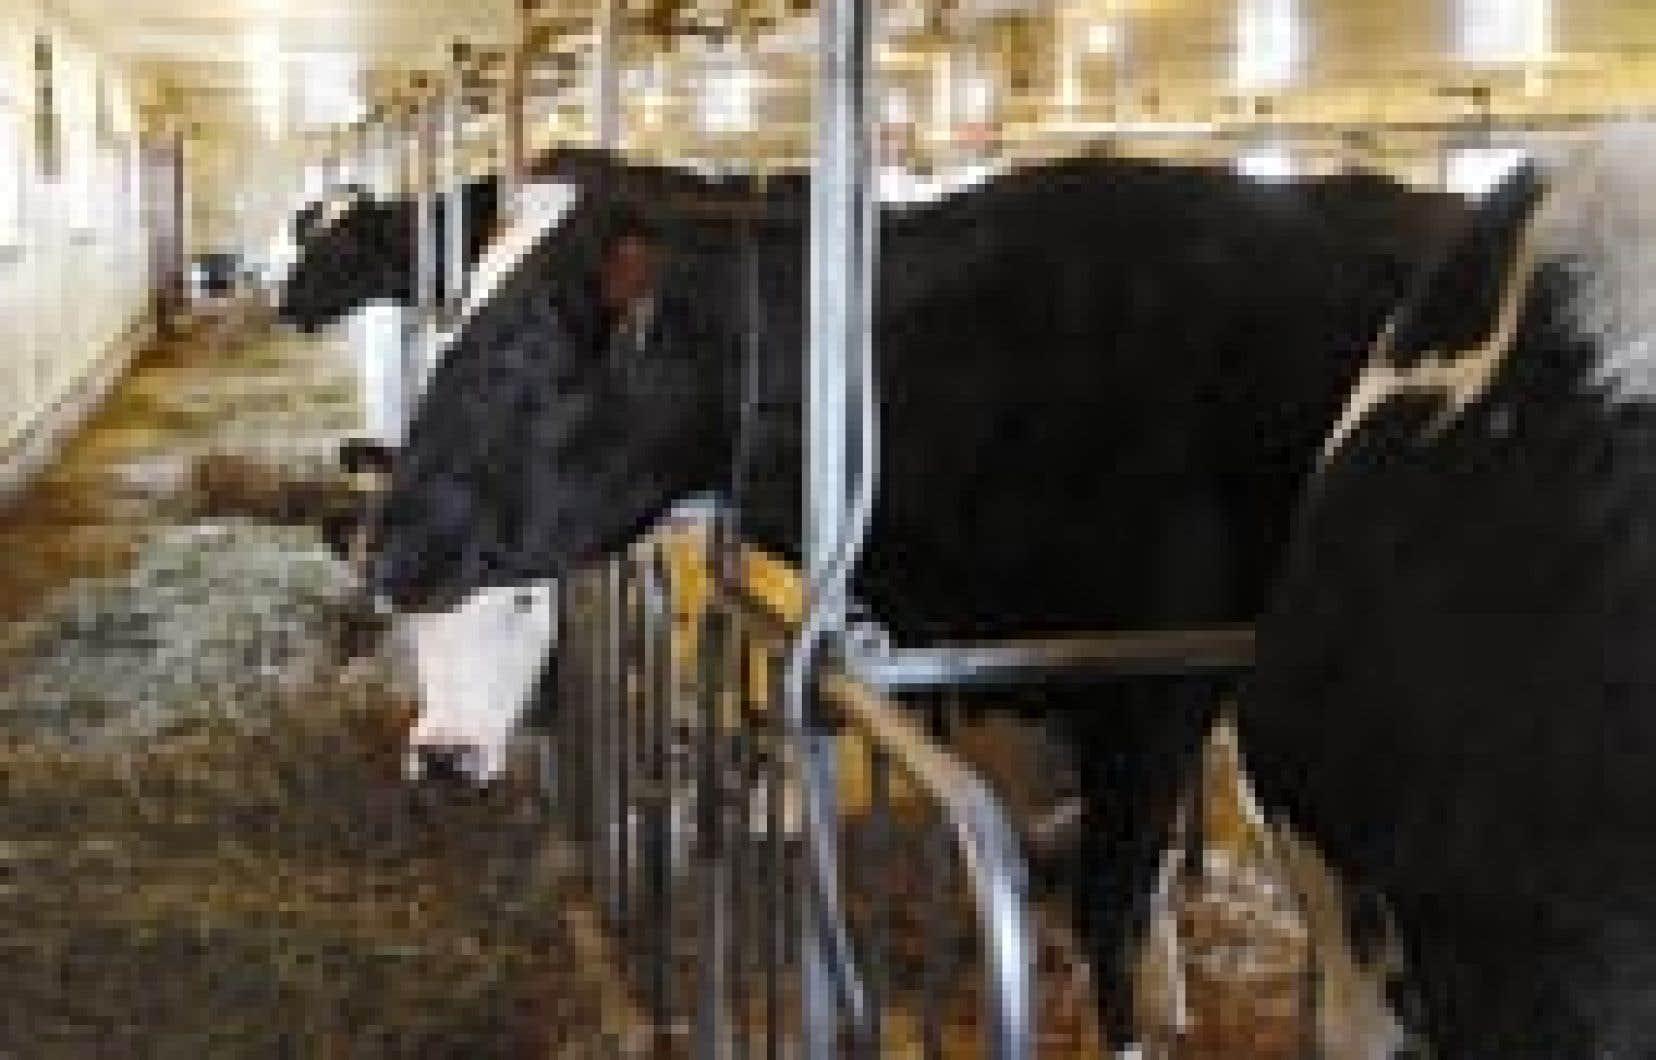 En décembre 2002, l'Organisation mondiale du commerce (OMC) obligeait le Canada à réduire de moitié son exportation laitière, affirmant que les producteurs canadiens sont subventionnés par le gouvernement.